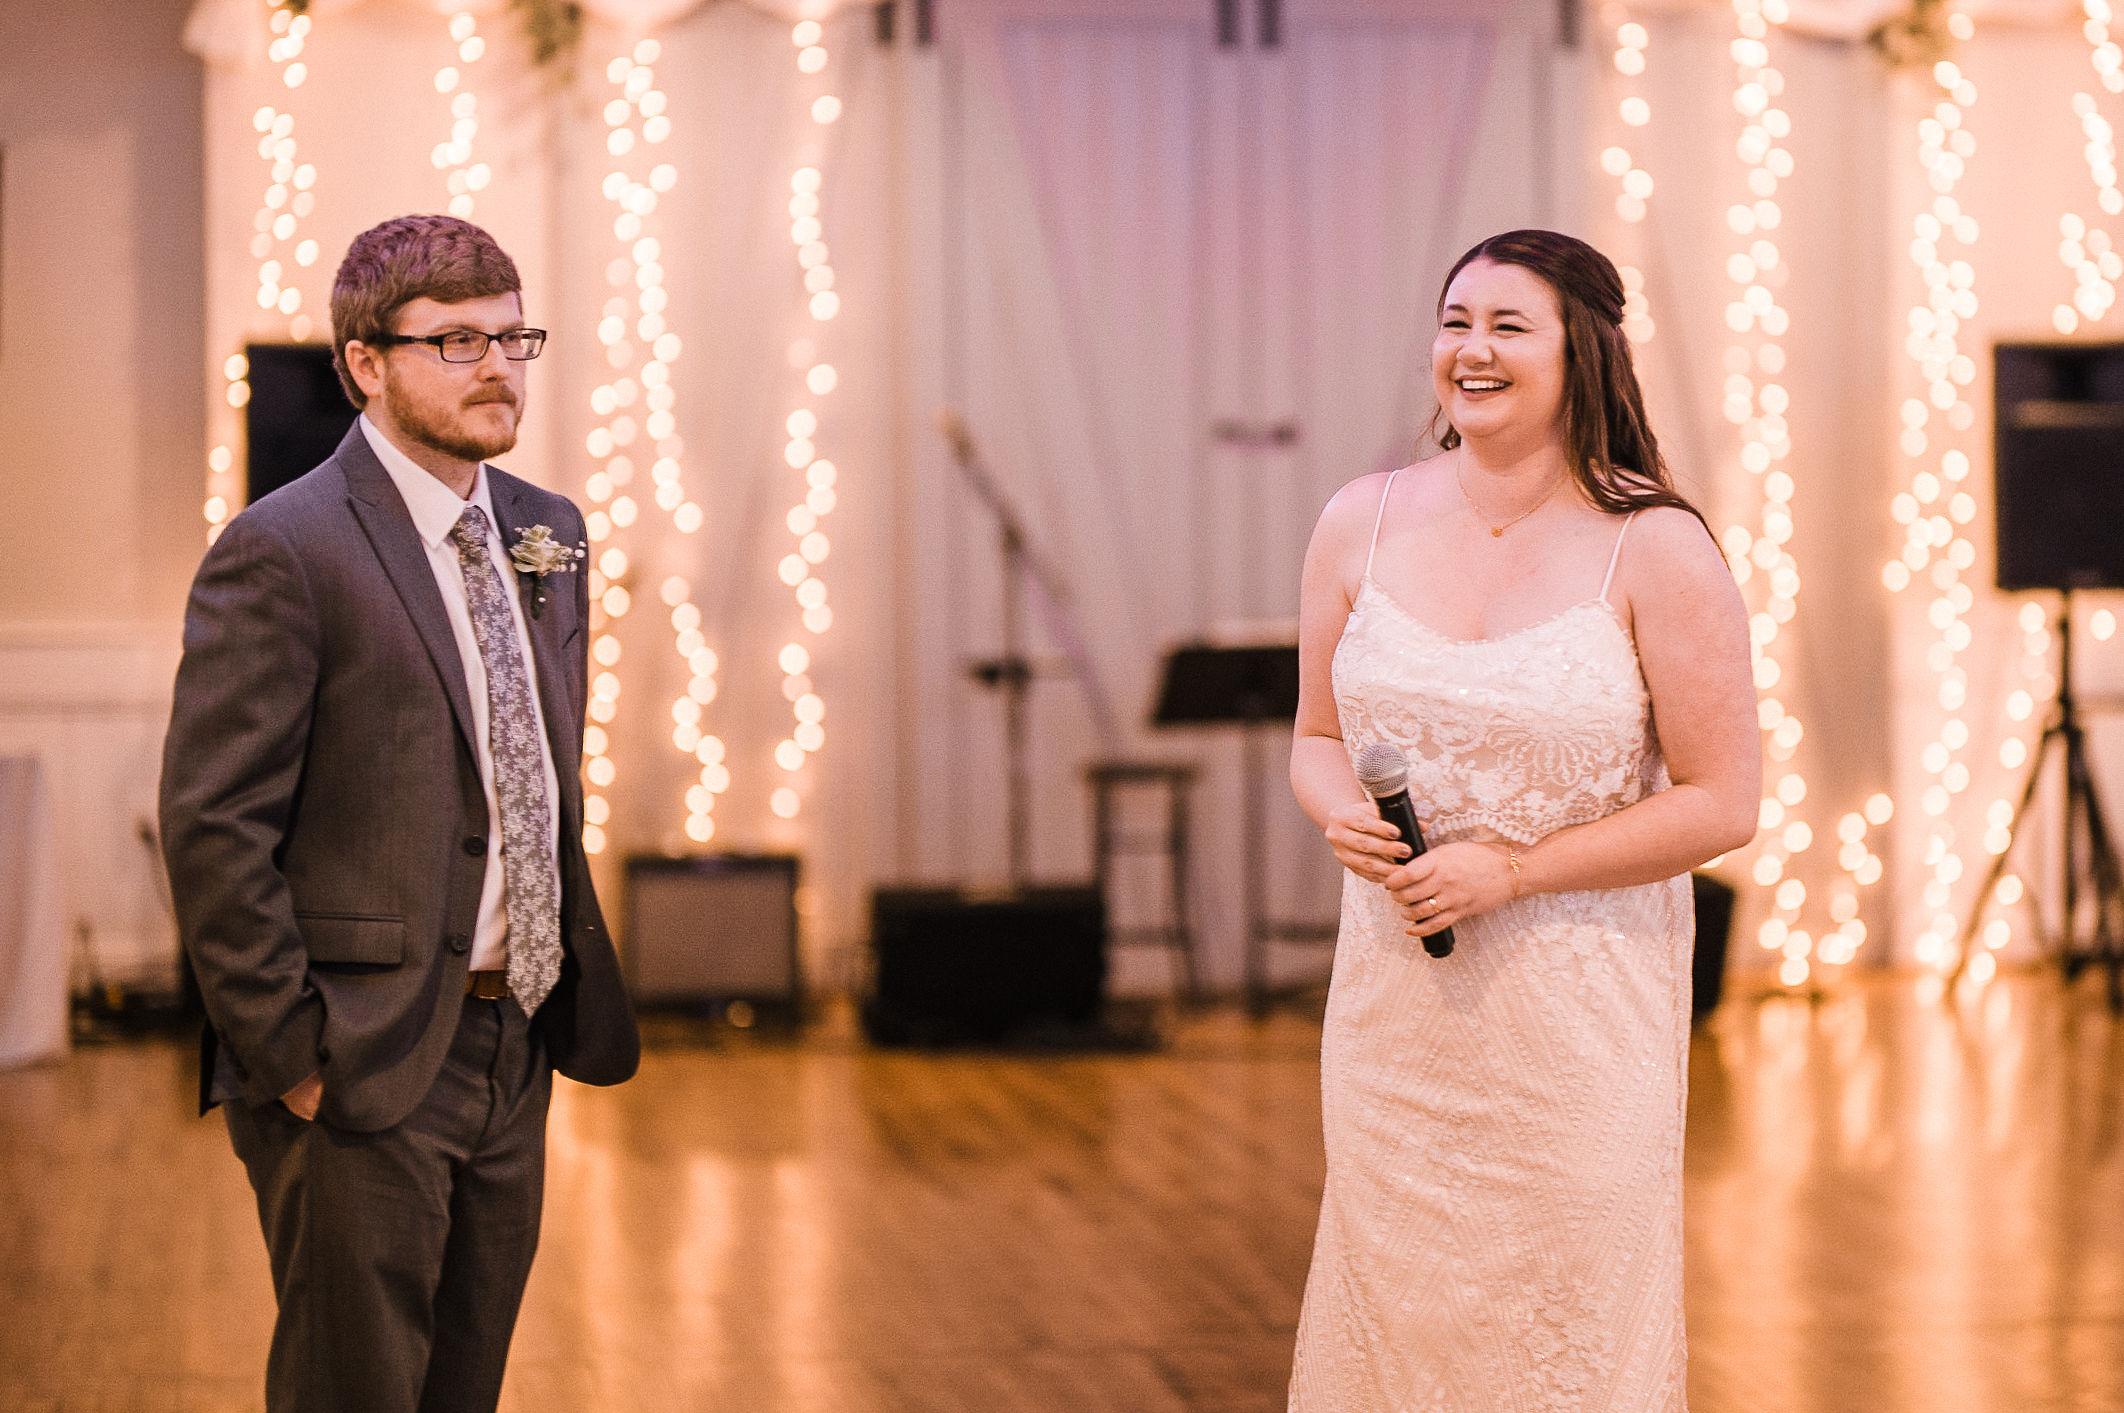 bride and groom giving speech at reception at MAVFC Reception Hall